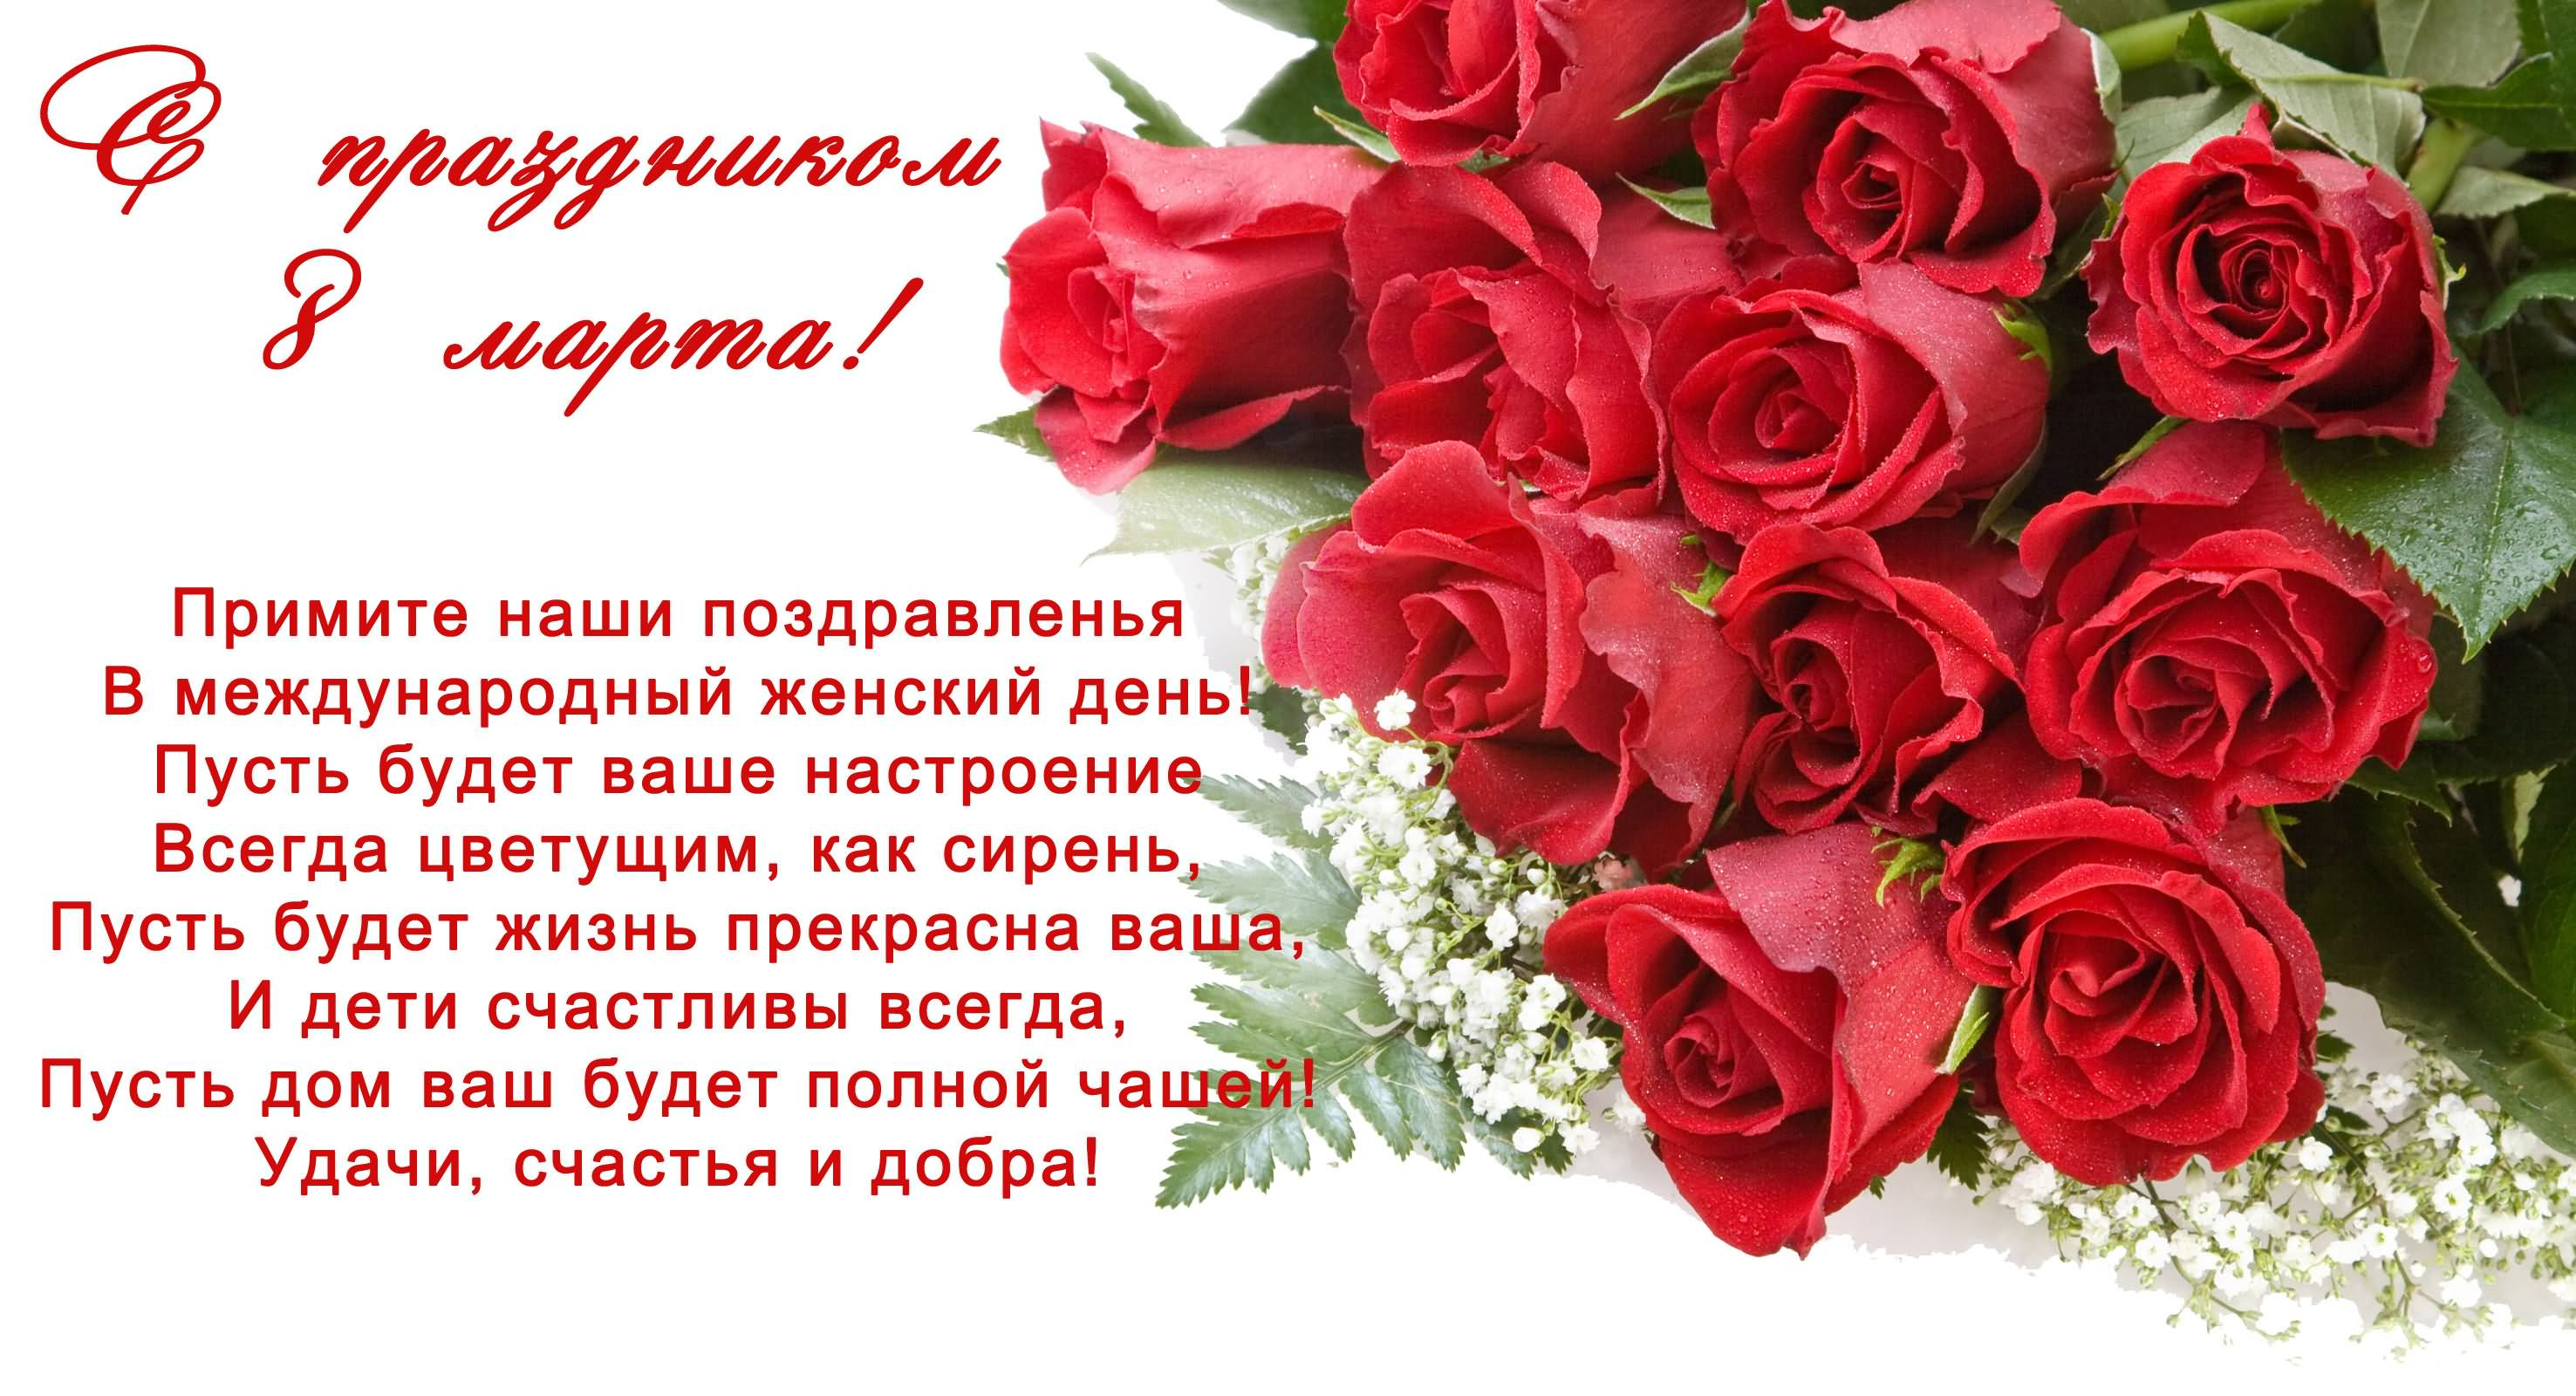 Поздравления с 8 Марта - Поздравок 534